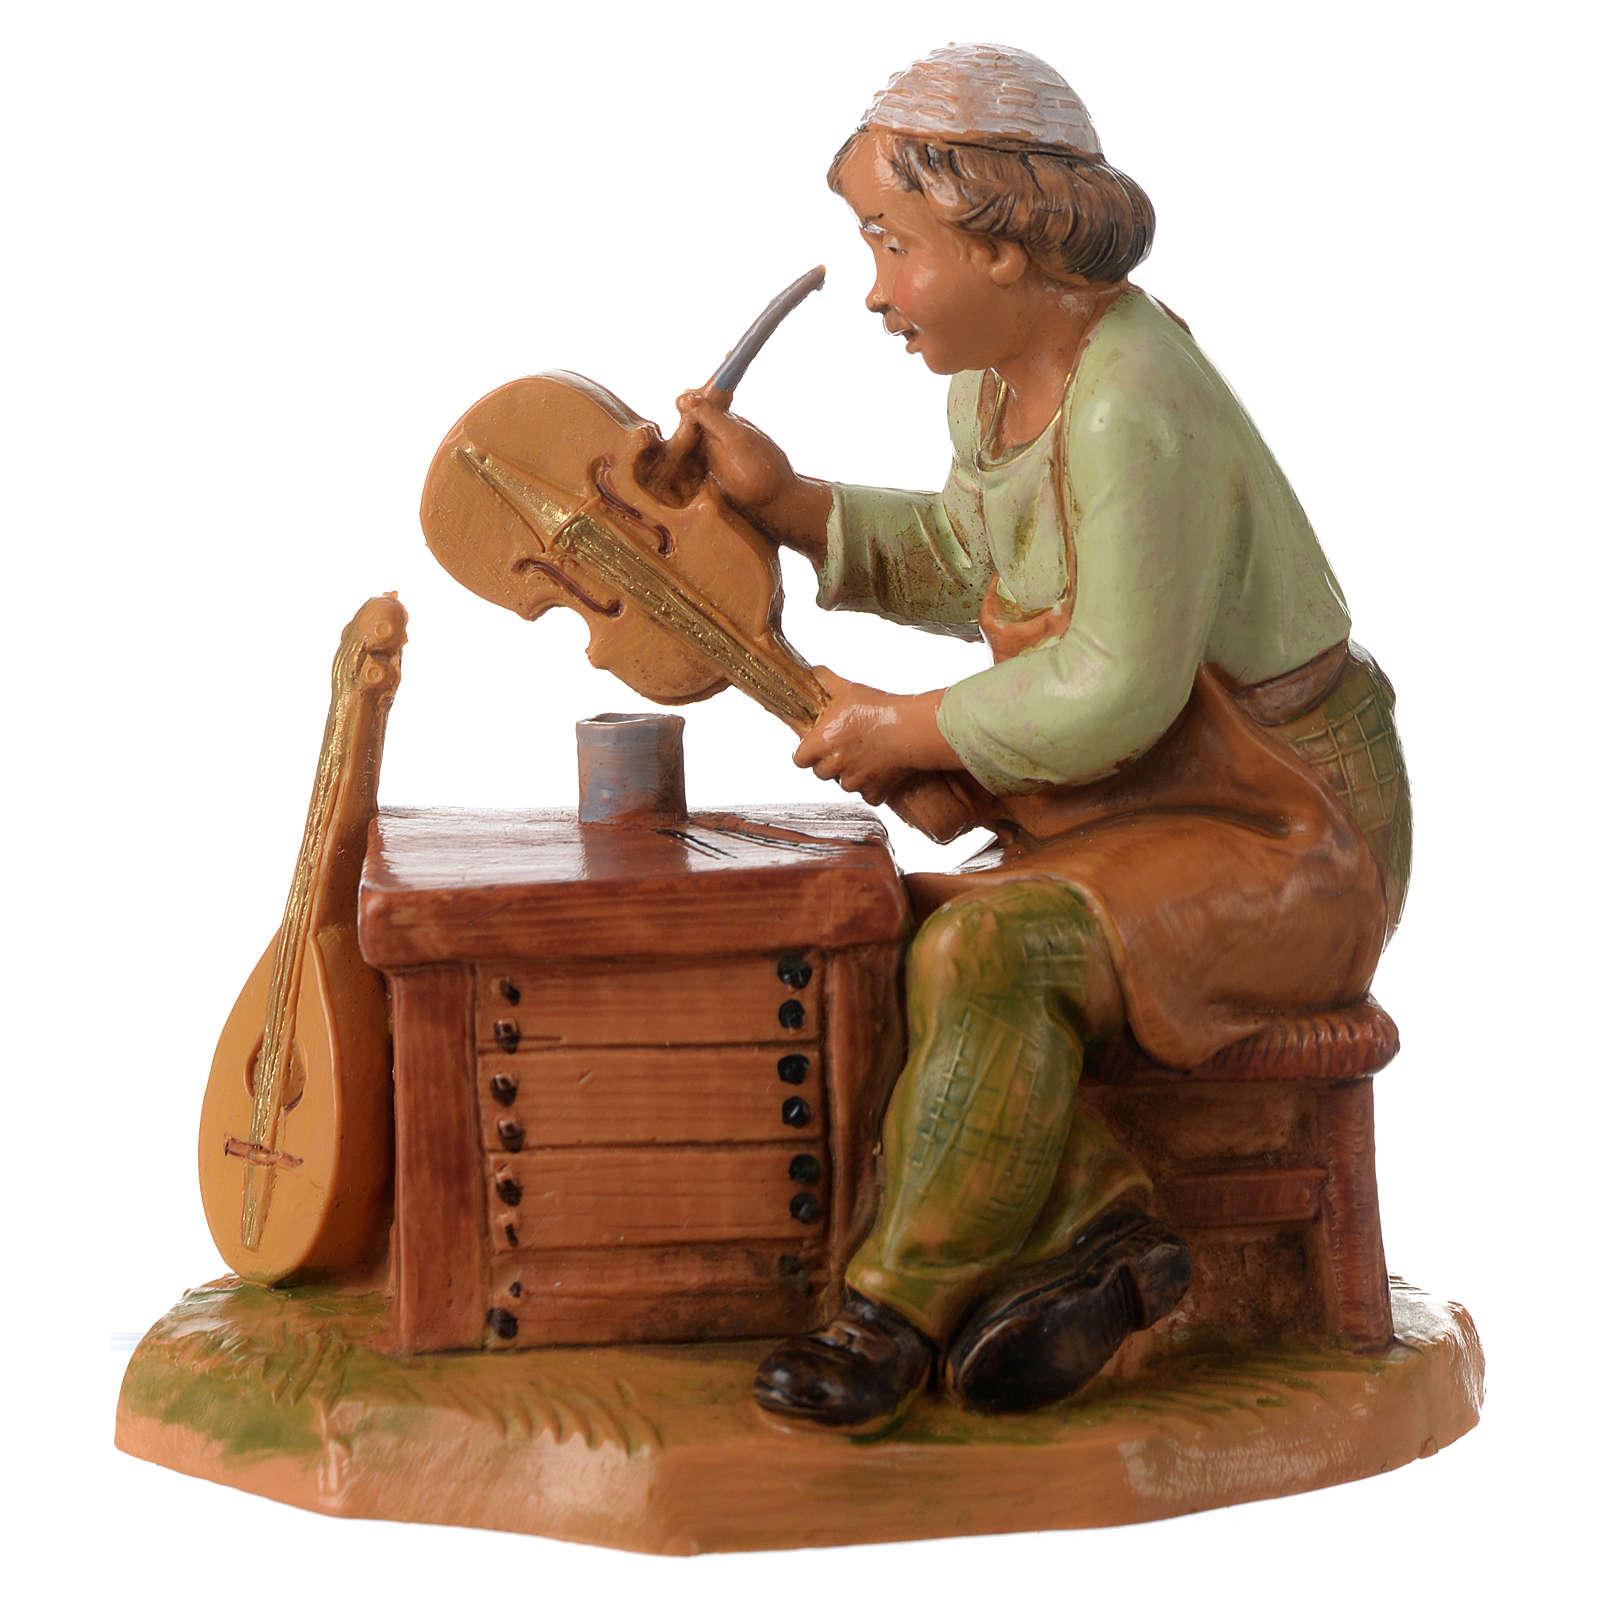 Fabricante de instrumentos 12 cm Fontanini 3